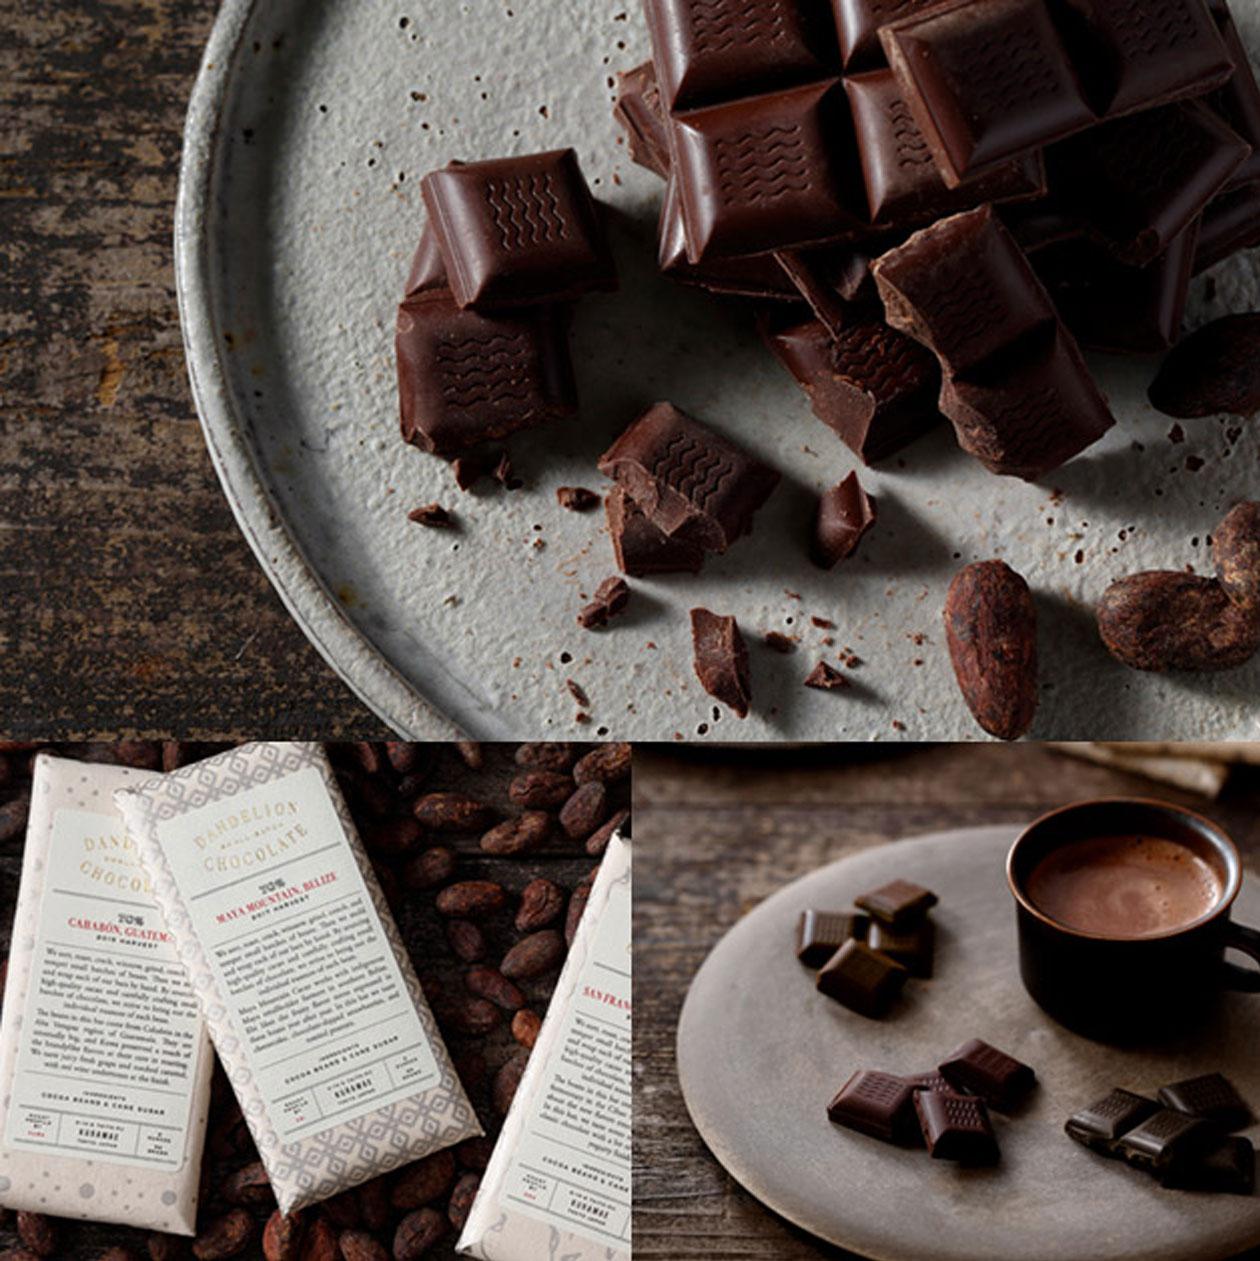 Bean to Bar専門店が作る本物の『チョコレート』 発売記念プレゼントキャンペーンのご案内